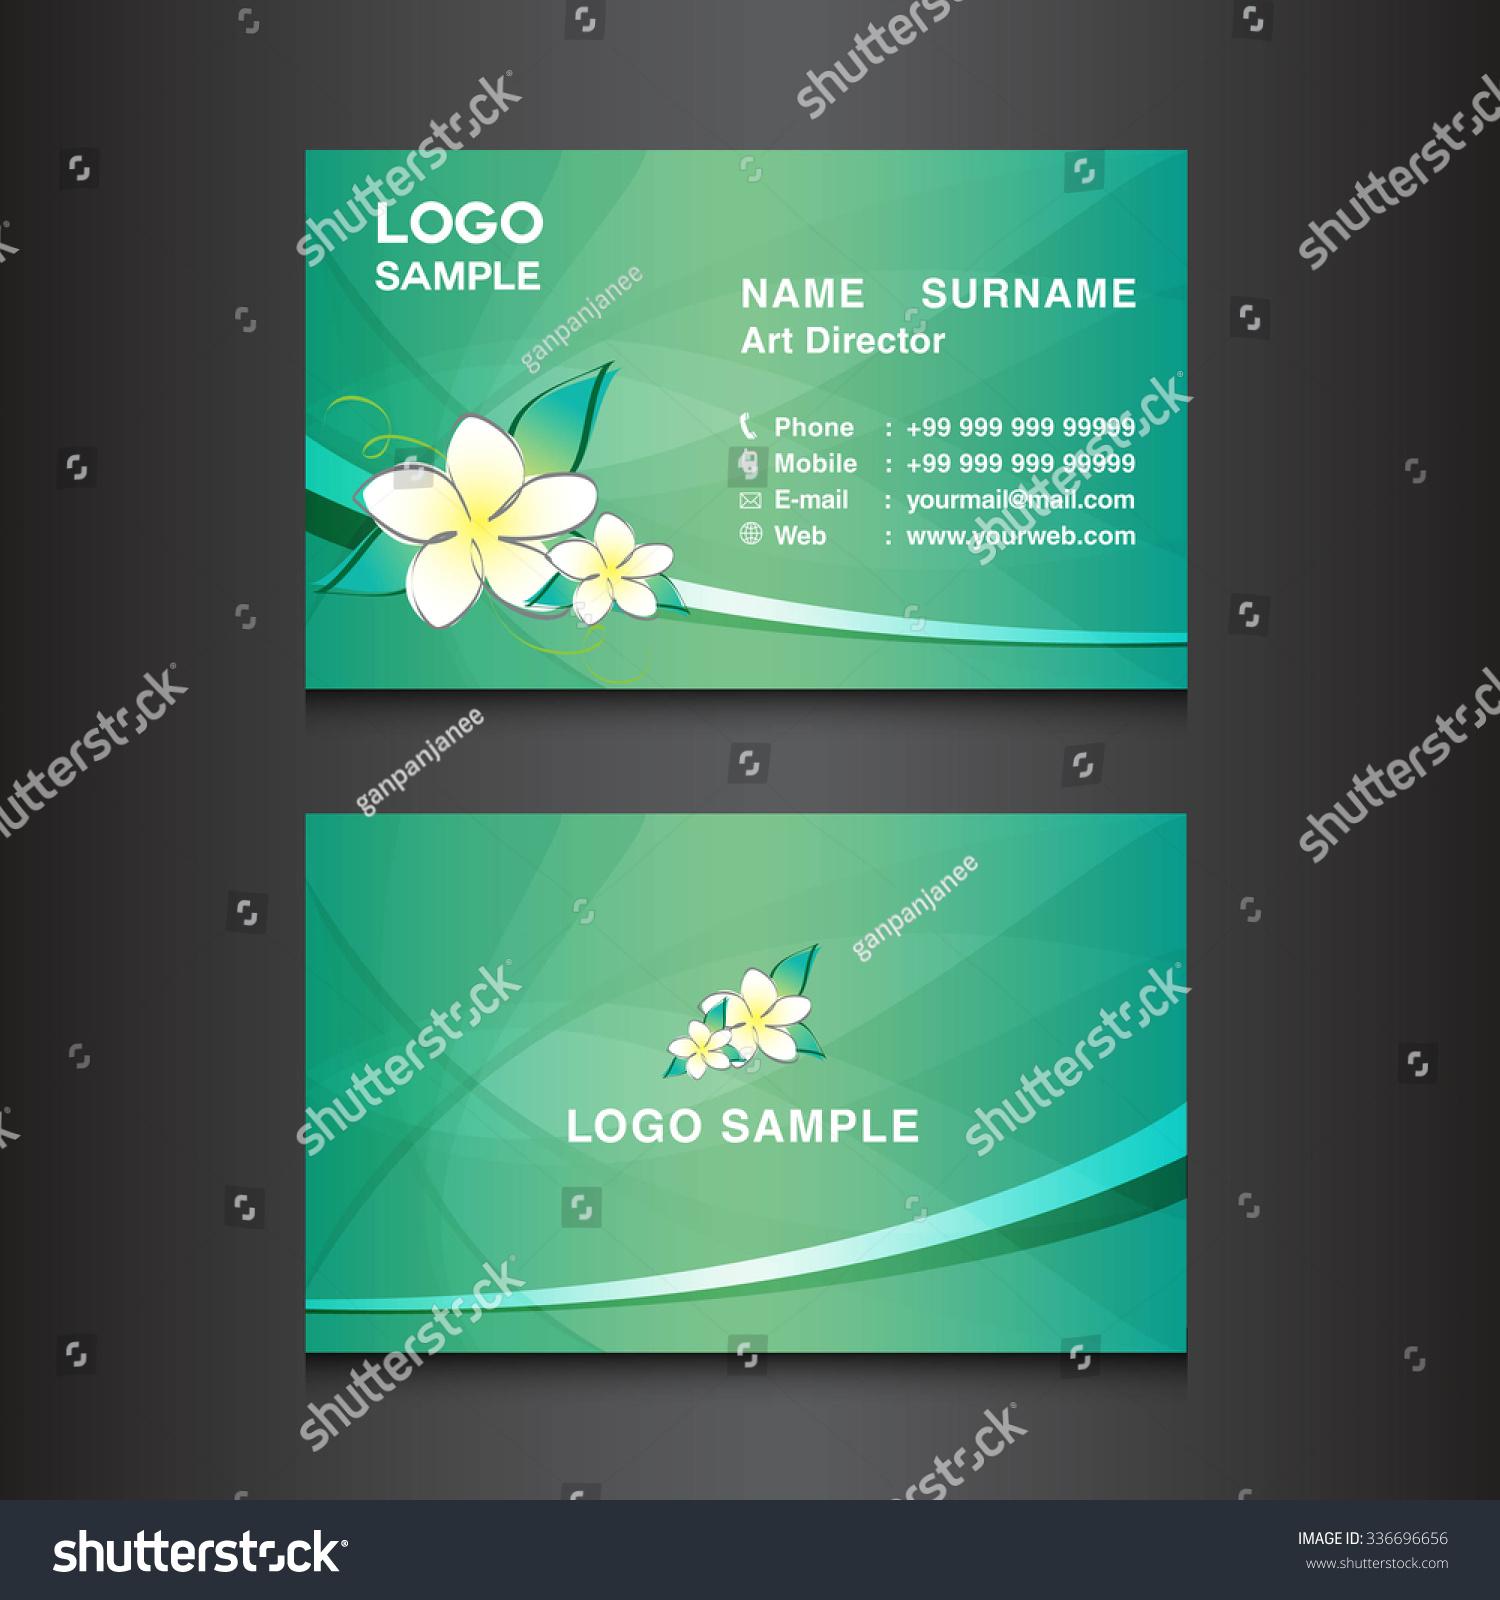 Green Business Card Designcard Design Vector Stock Vector (2018 ...